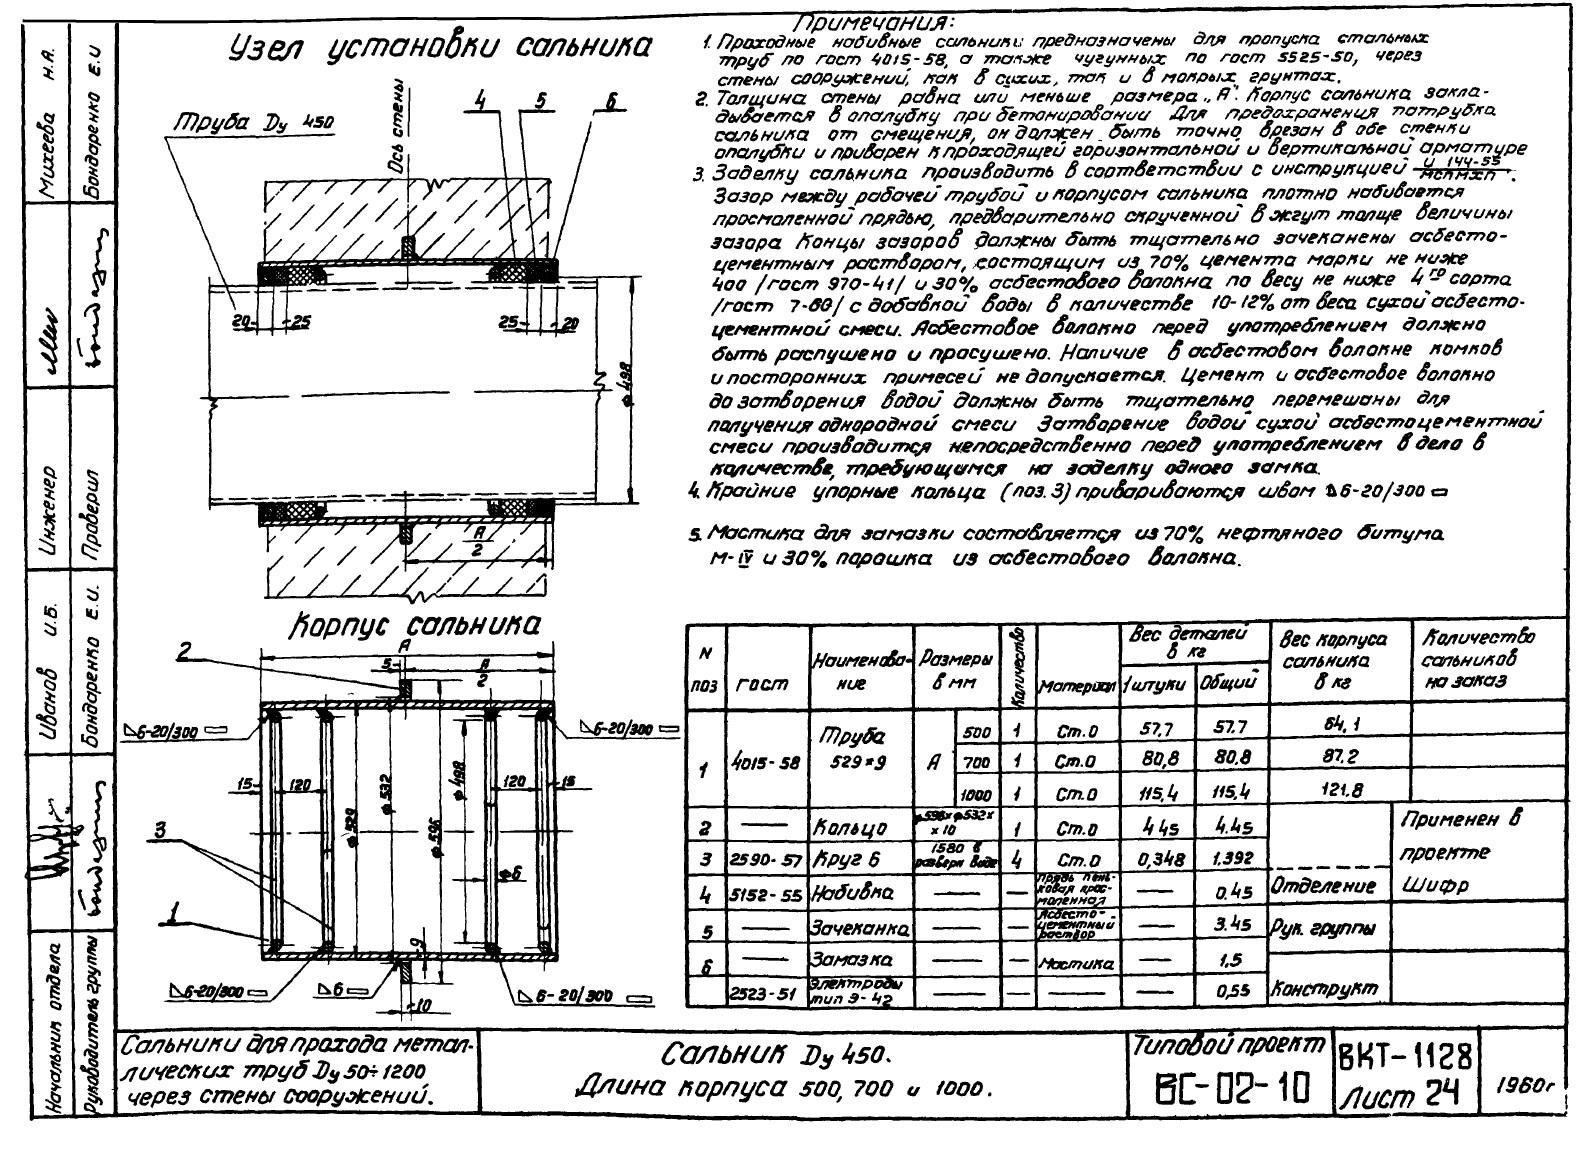 Сальники набивные L = 700 мм типовой проект ВС-02-10 стр.11